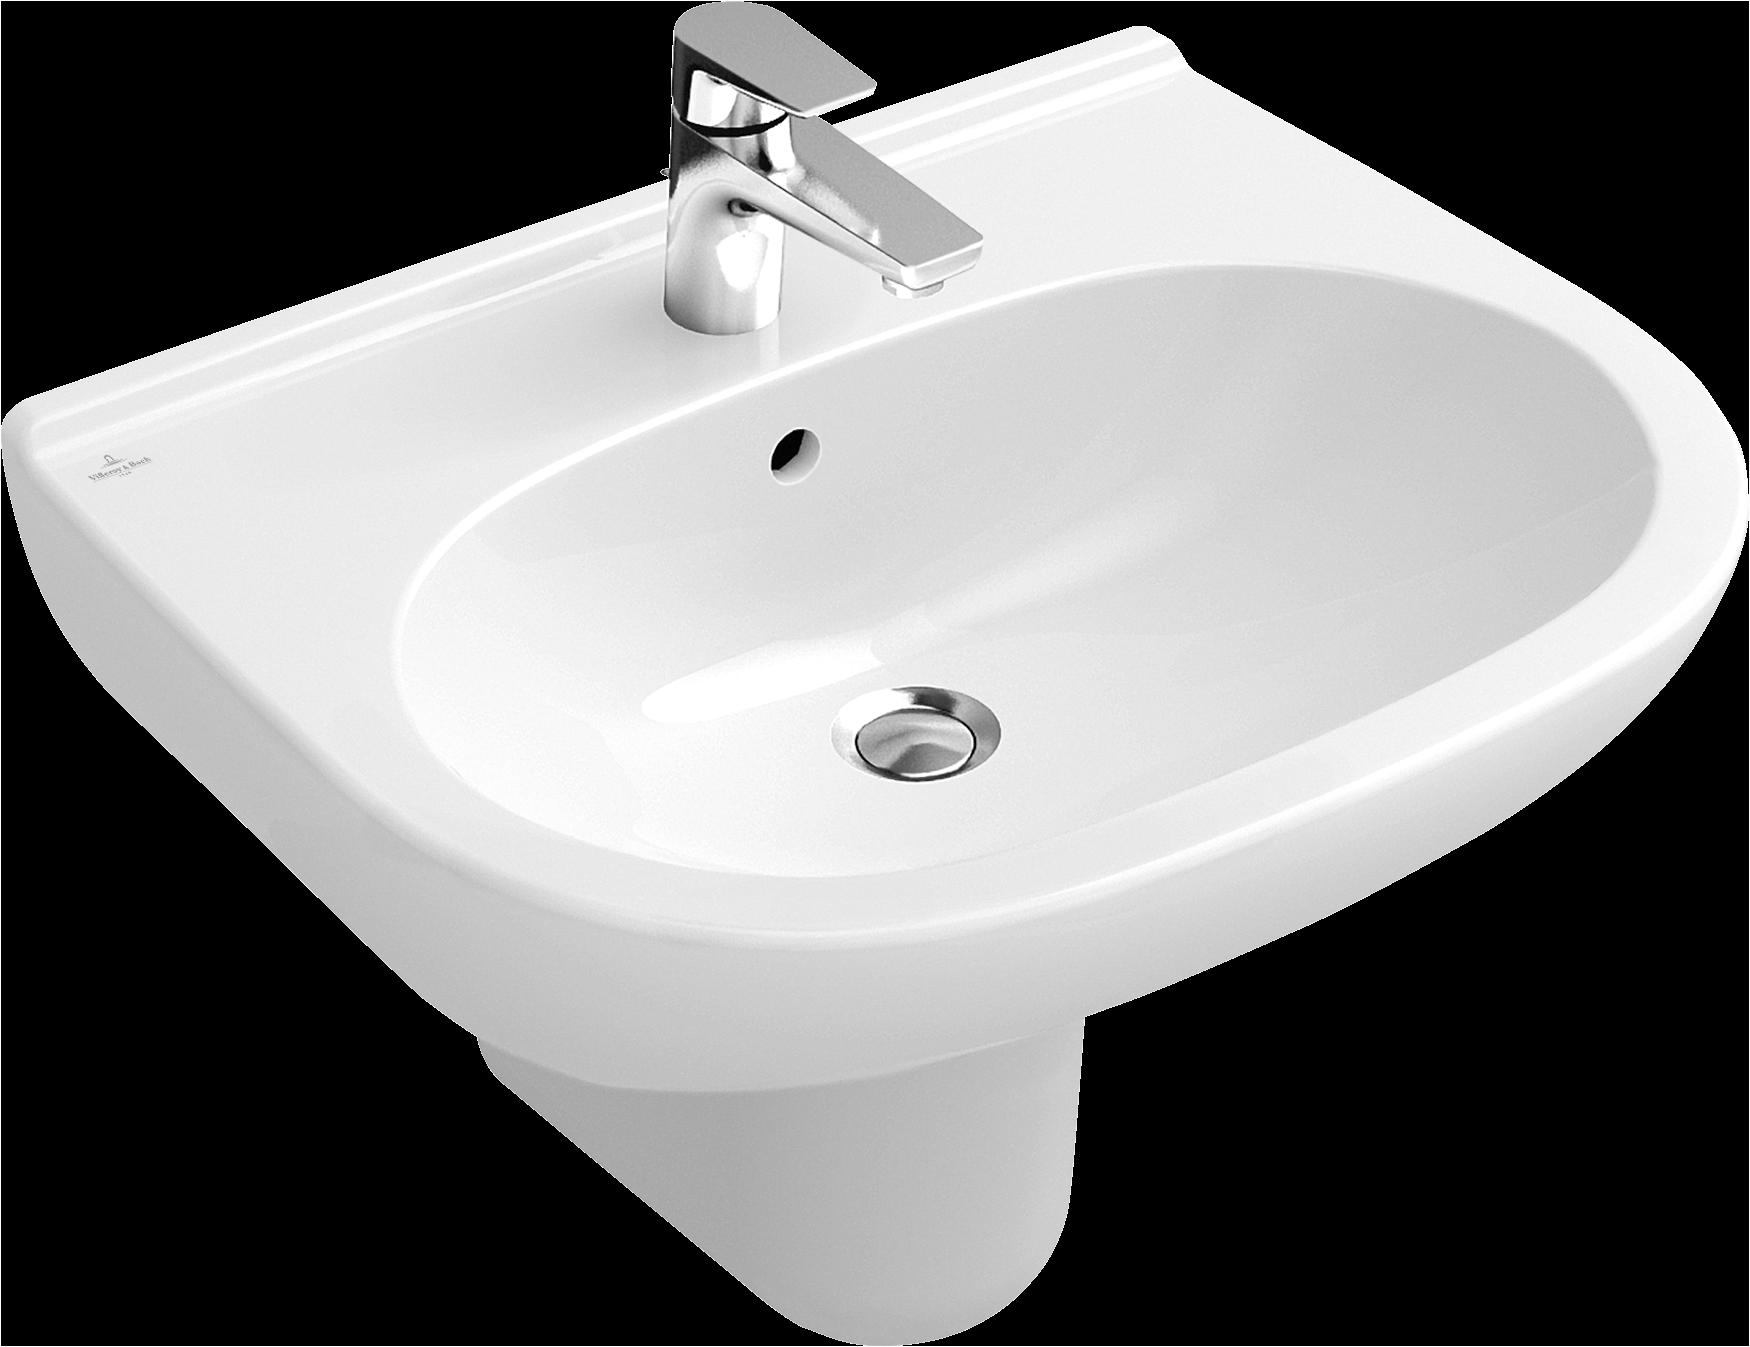 Villeroy et Boch - Cache siphon pour lavabo O.Novo. Villeroy et Boch - Cache siphon pour lavabo O.Novo